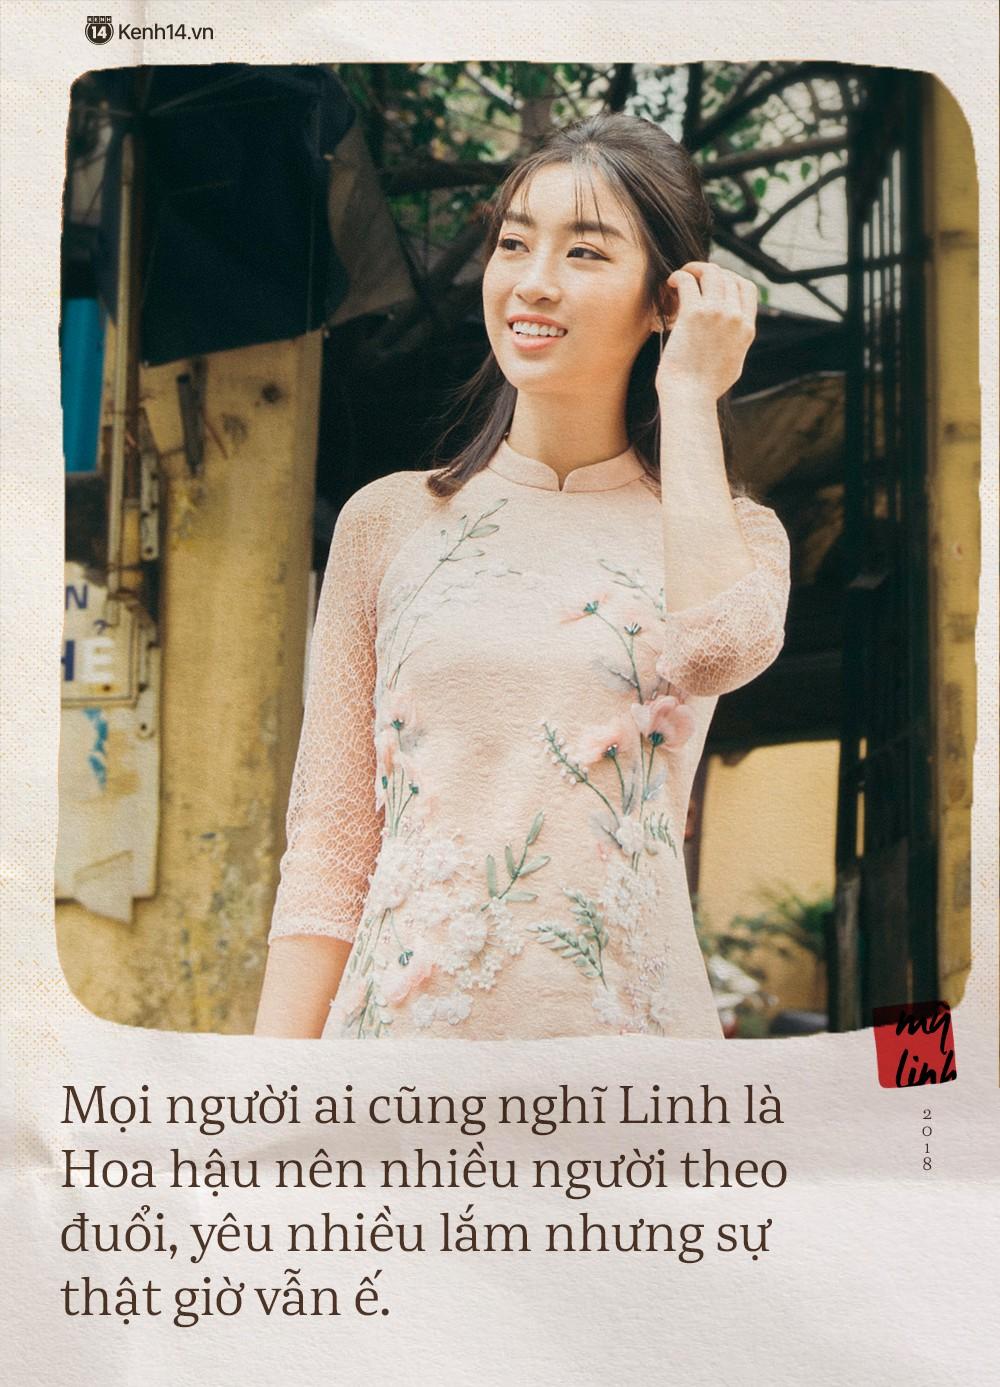 Hoa hậu Mỹ Linh kể chuyện Tết này vẫn ế, bật mí chi tiết về chuyến đi bão táp sang Trung Quốc cổ vũ U23 Việt Nam - Ảnh 8.